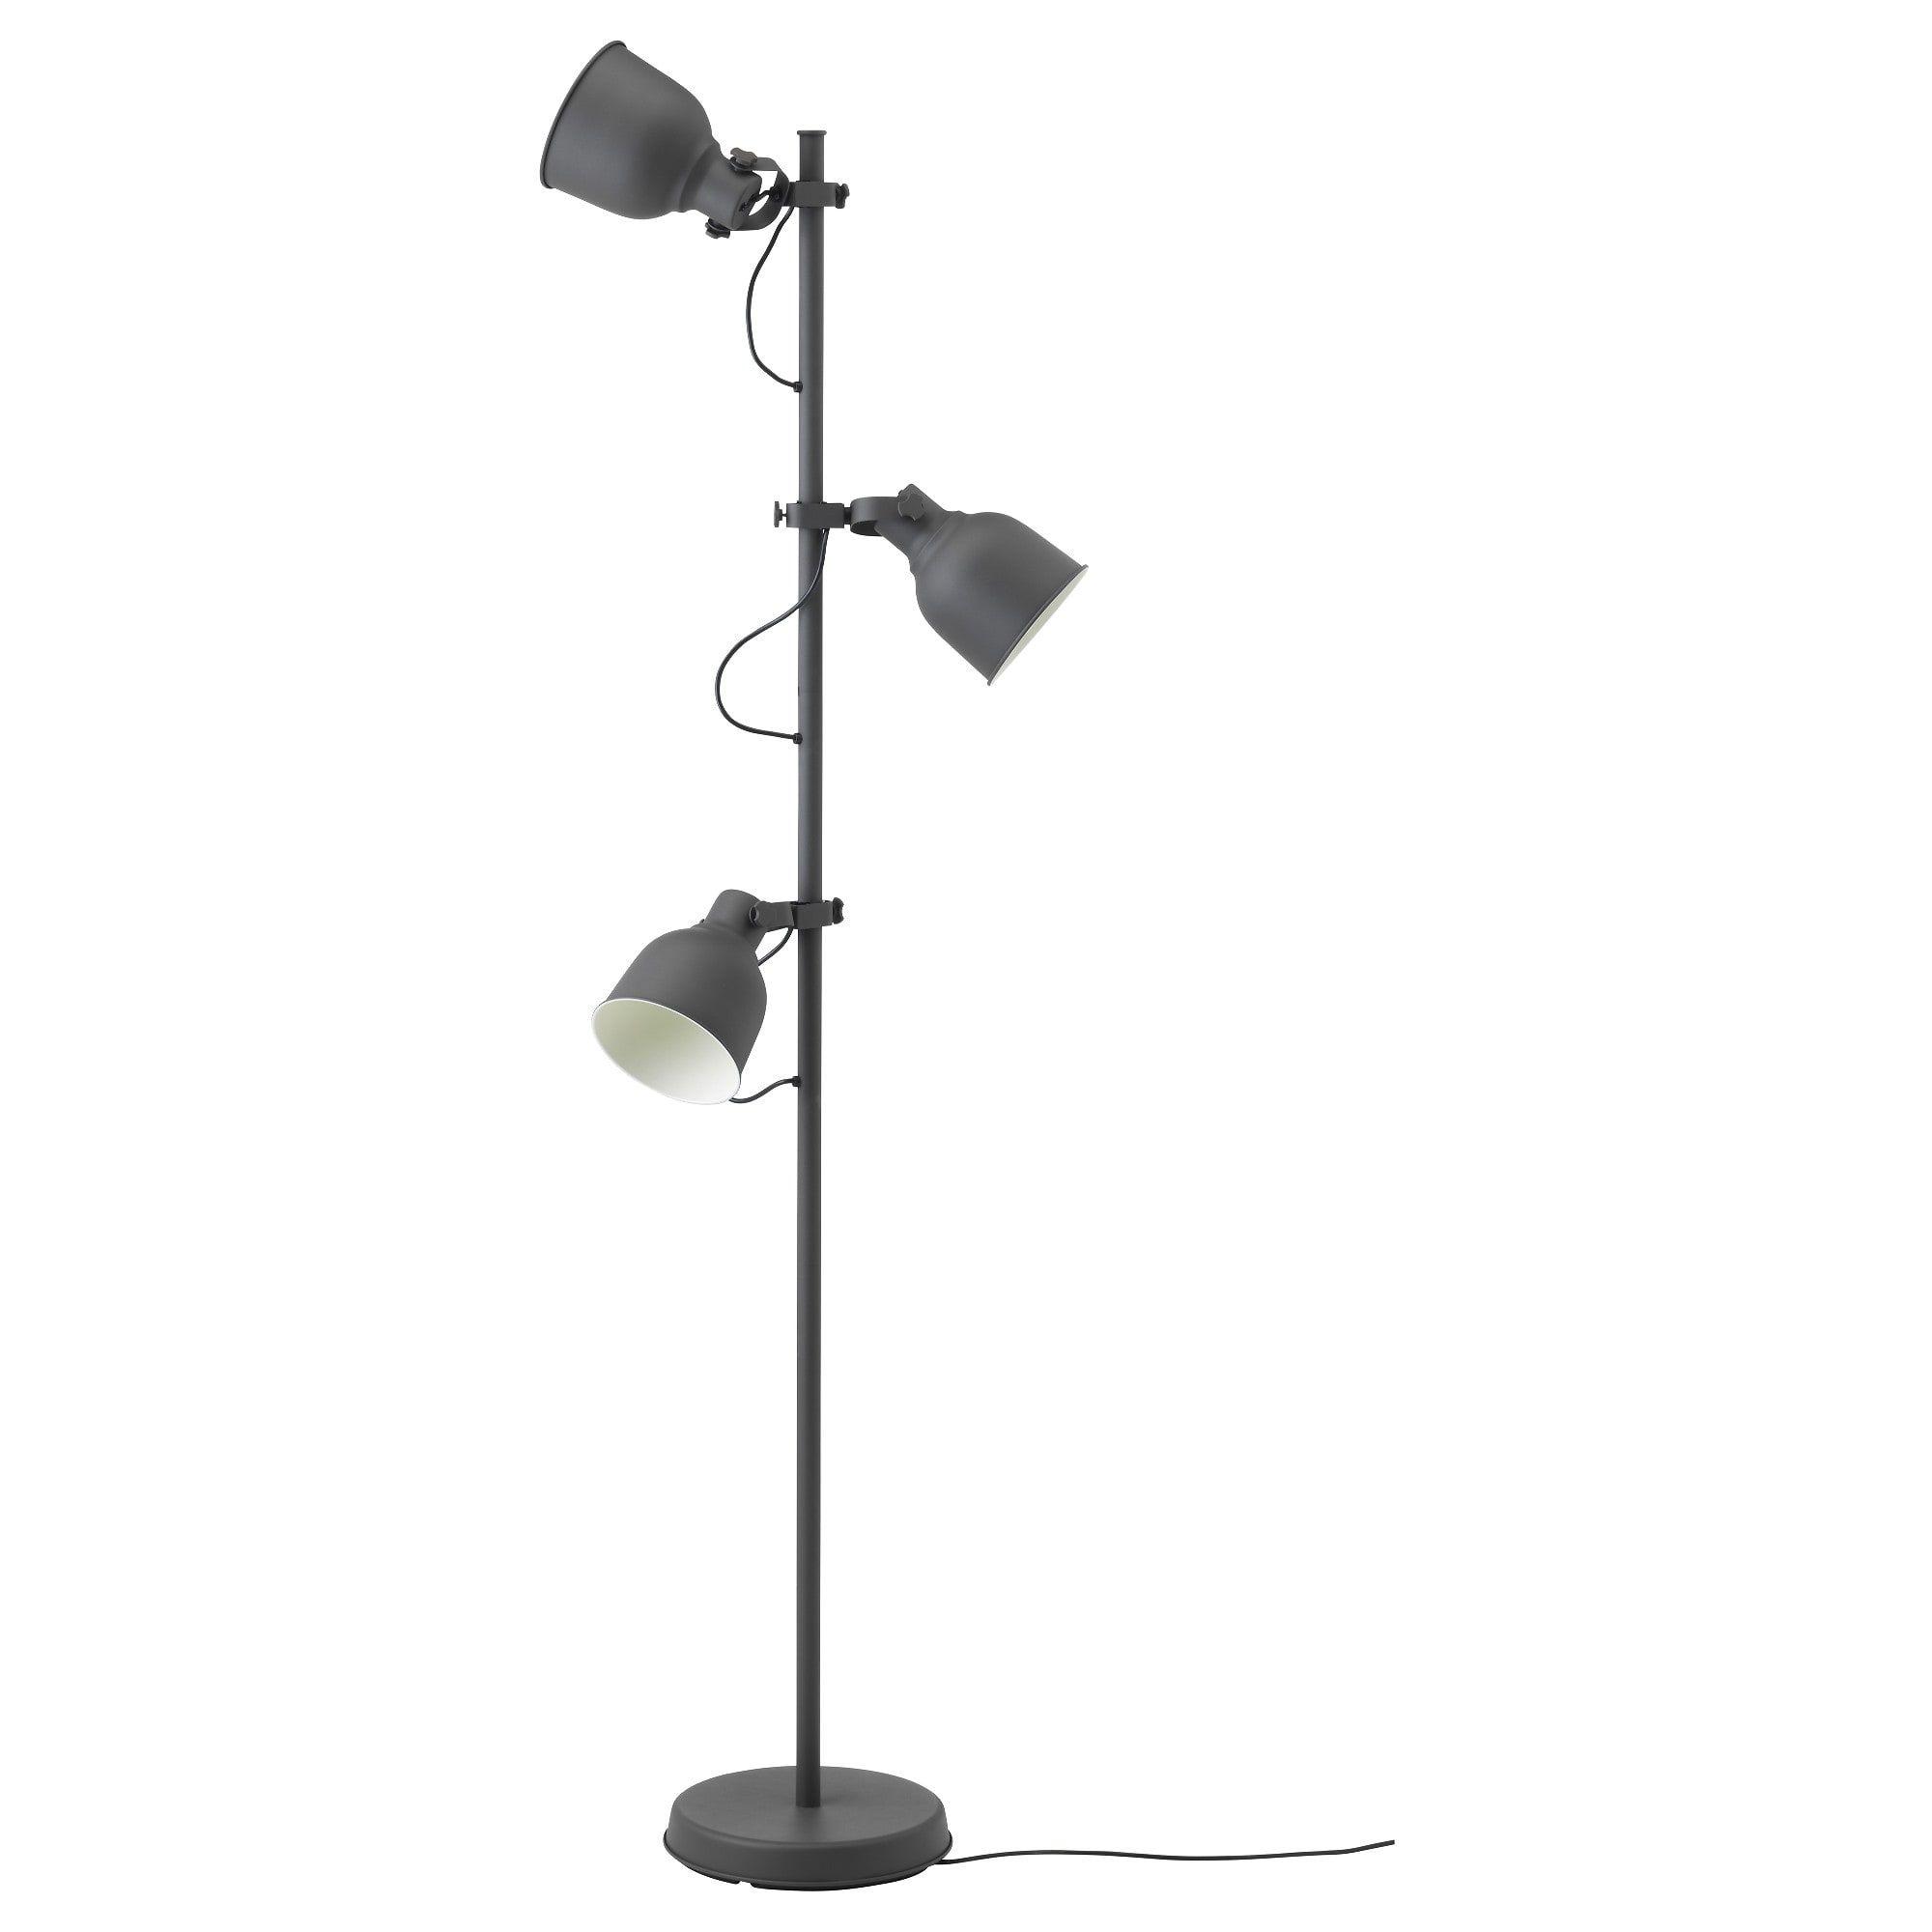 Full Size of Stehlampe Ikea Led Floor Lamps Standard Elegant Sofa Mit Schlaffunktion Stehlampen Wohnzimmer Küche Kosten Betten 160x200 Modulküche Bei Schlafzimmer Wohnzimmer Stehlampe Ikea